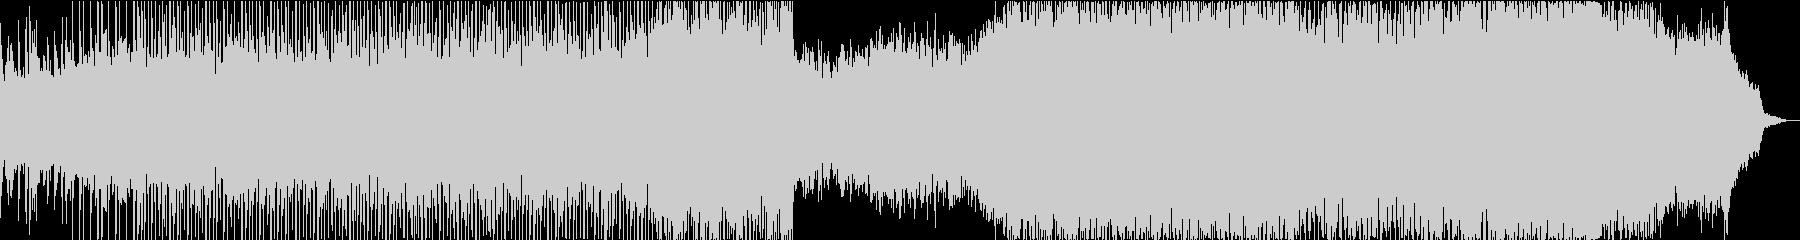 弦楽四重奏とシンセのポストクラシカルの未再生の波形